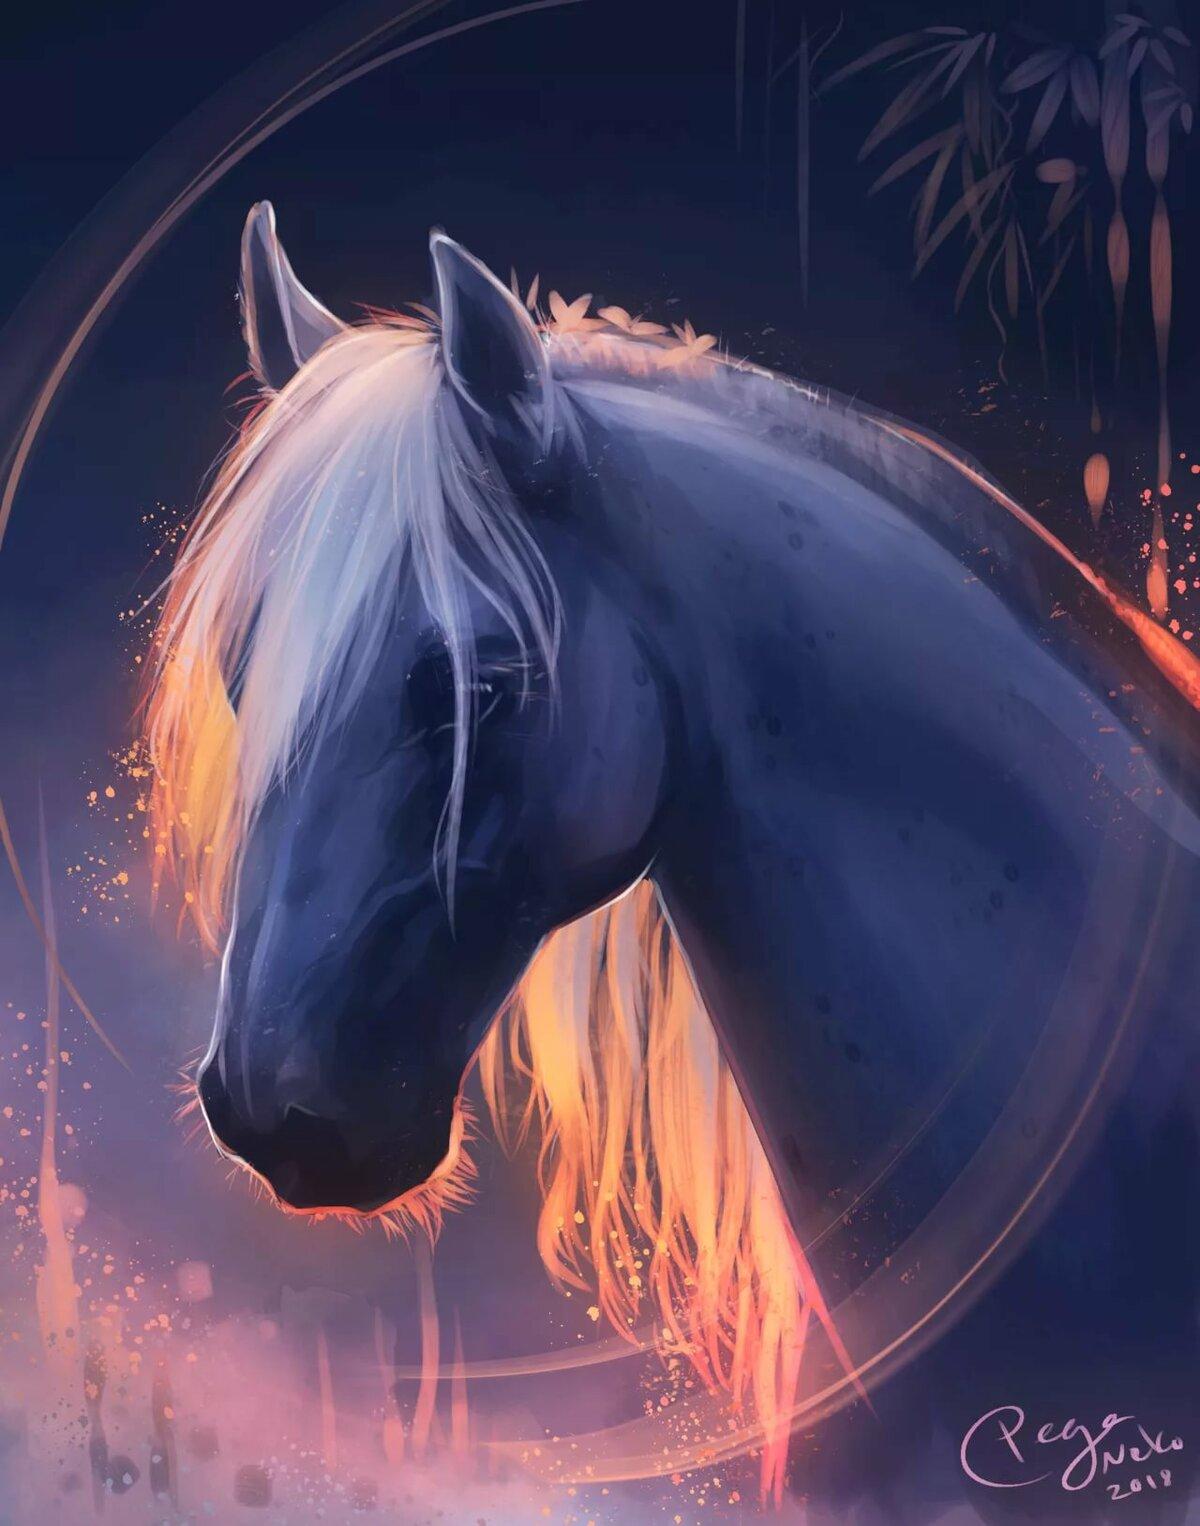 картинки с лошадью на аву хэнкс возвел